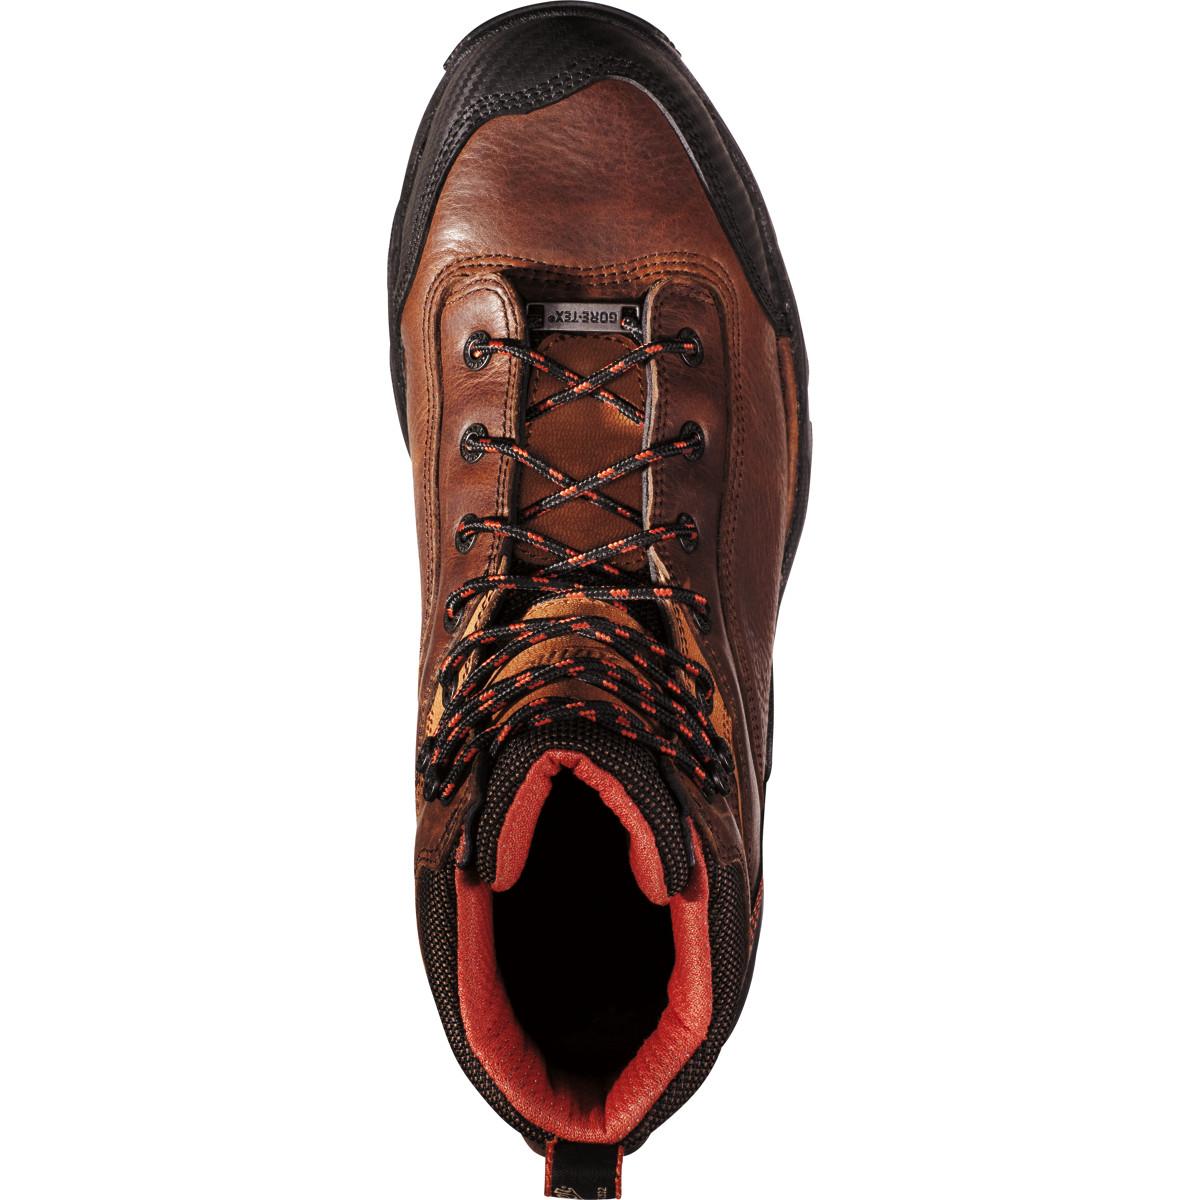 Danner Corvallis 5 Brown NMT Work Boots Oil /& Slip Resistant Waterproof Combat Boot Electrical Hazard Boot 17602